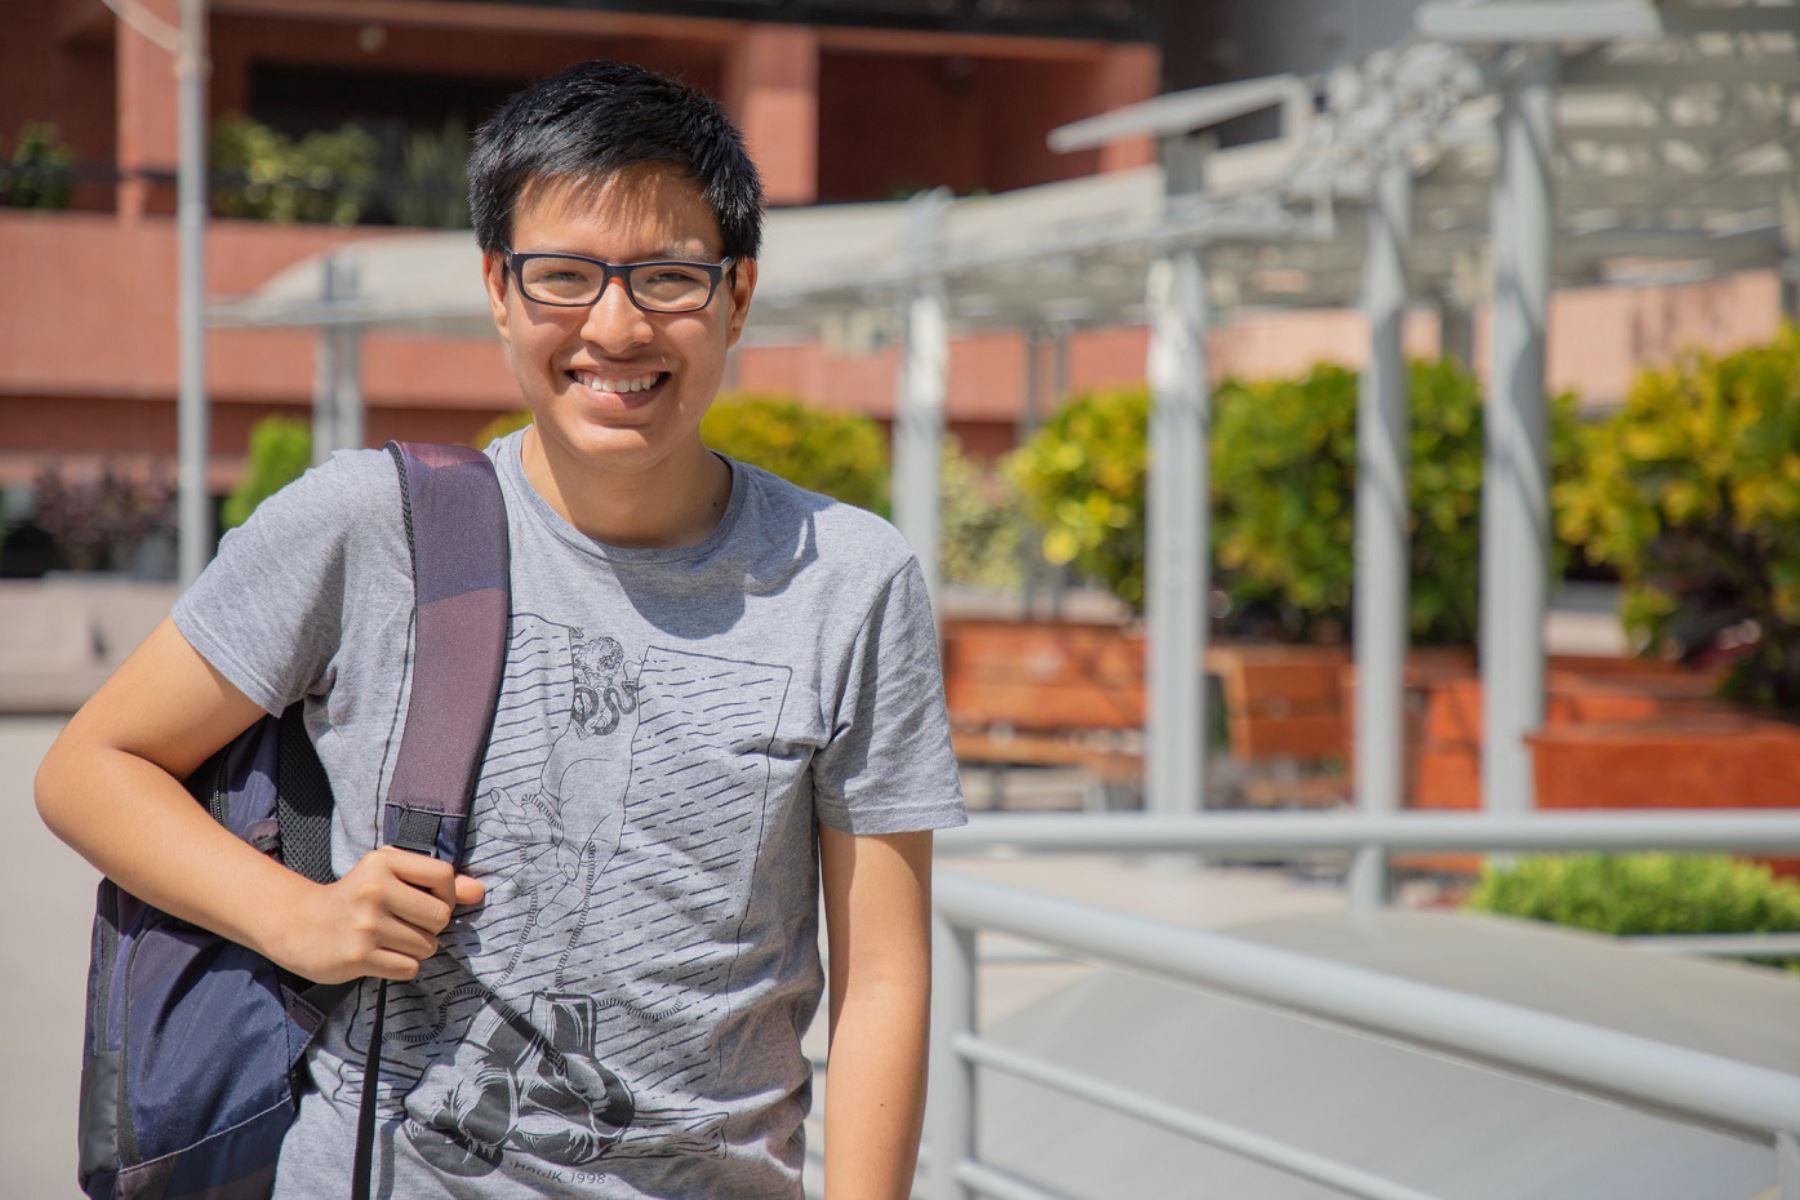 Dick De la Cruz, talento de Beca 18, estudiante de la carrera de Economía de la Universidad del Pacífico y primer puesto en el examen de 2019 ANDINA/Difusión